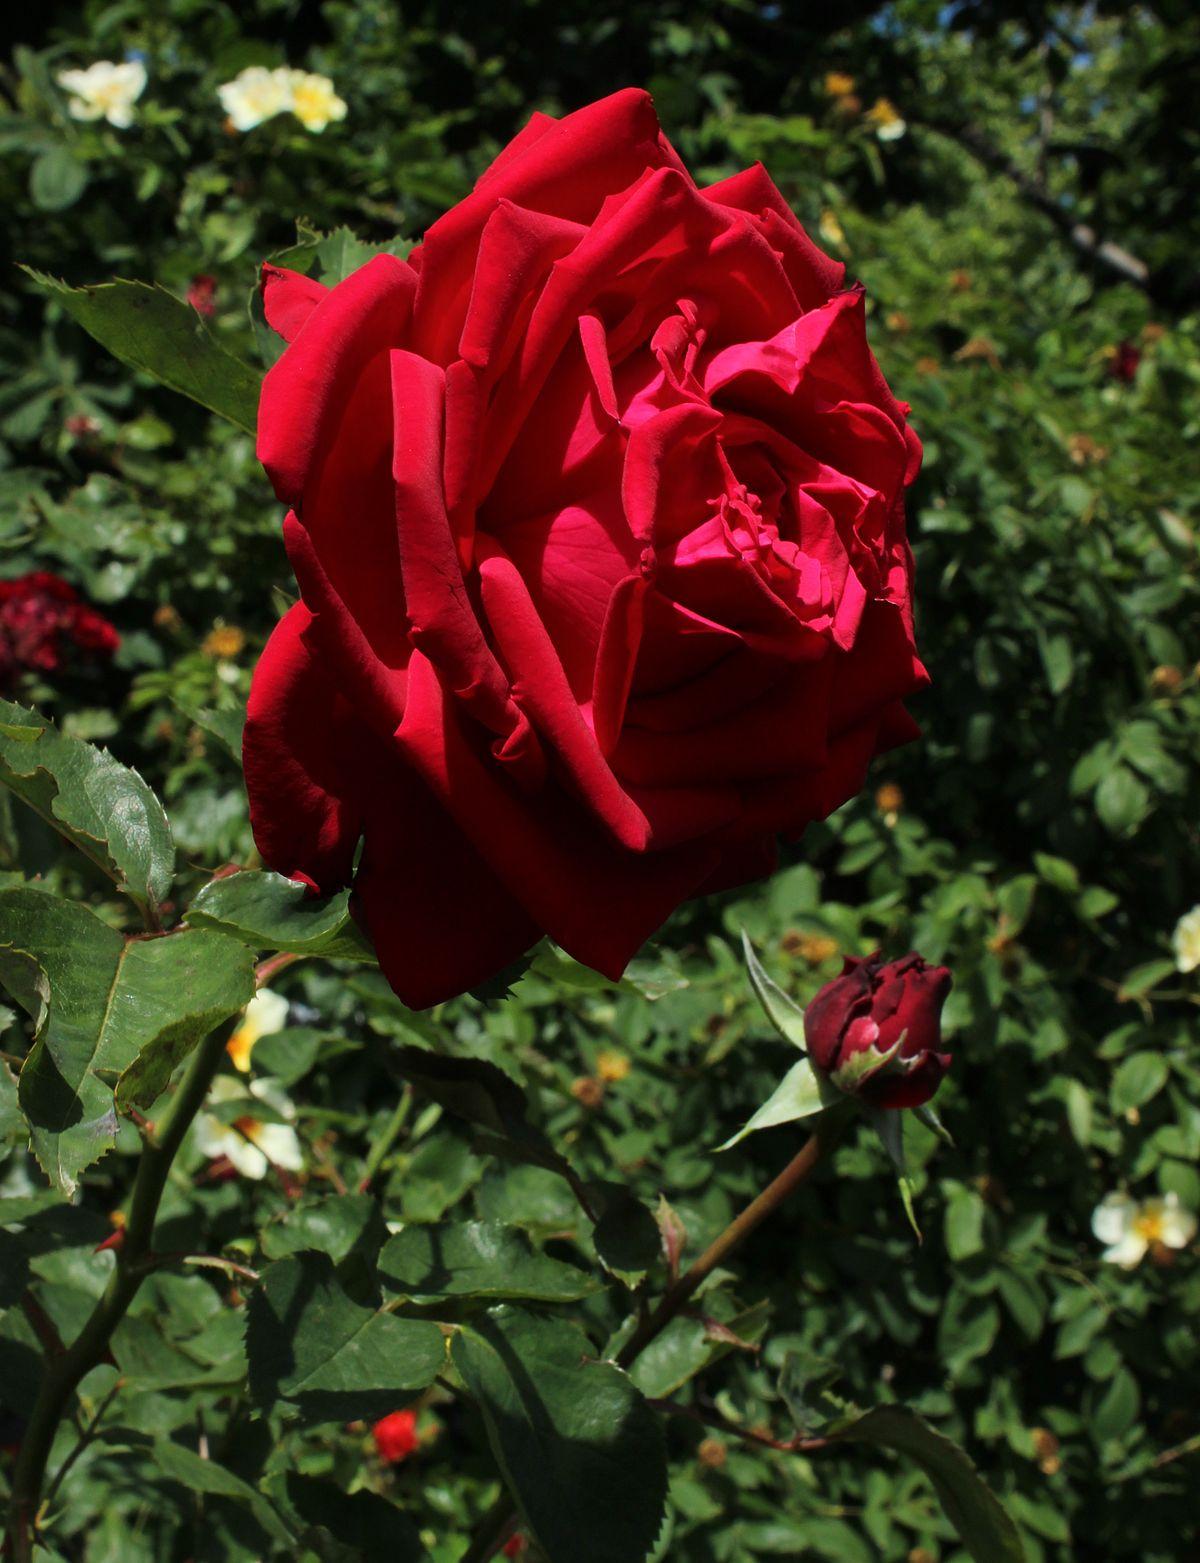 меня конец роза сорт софи лорен описание фото вам